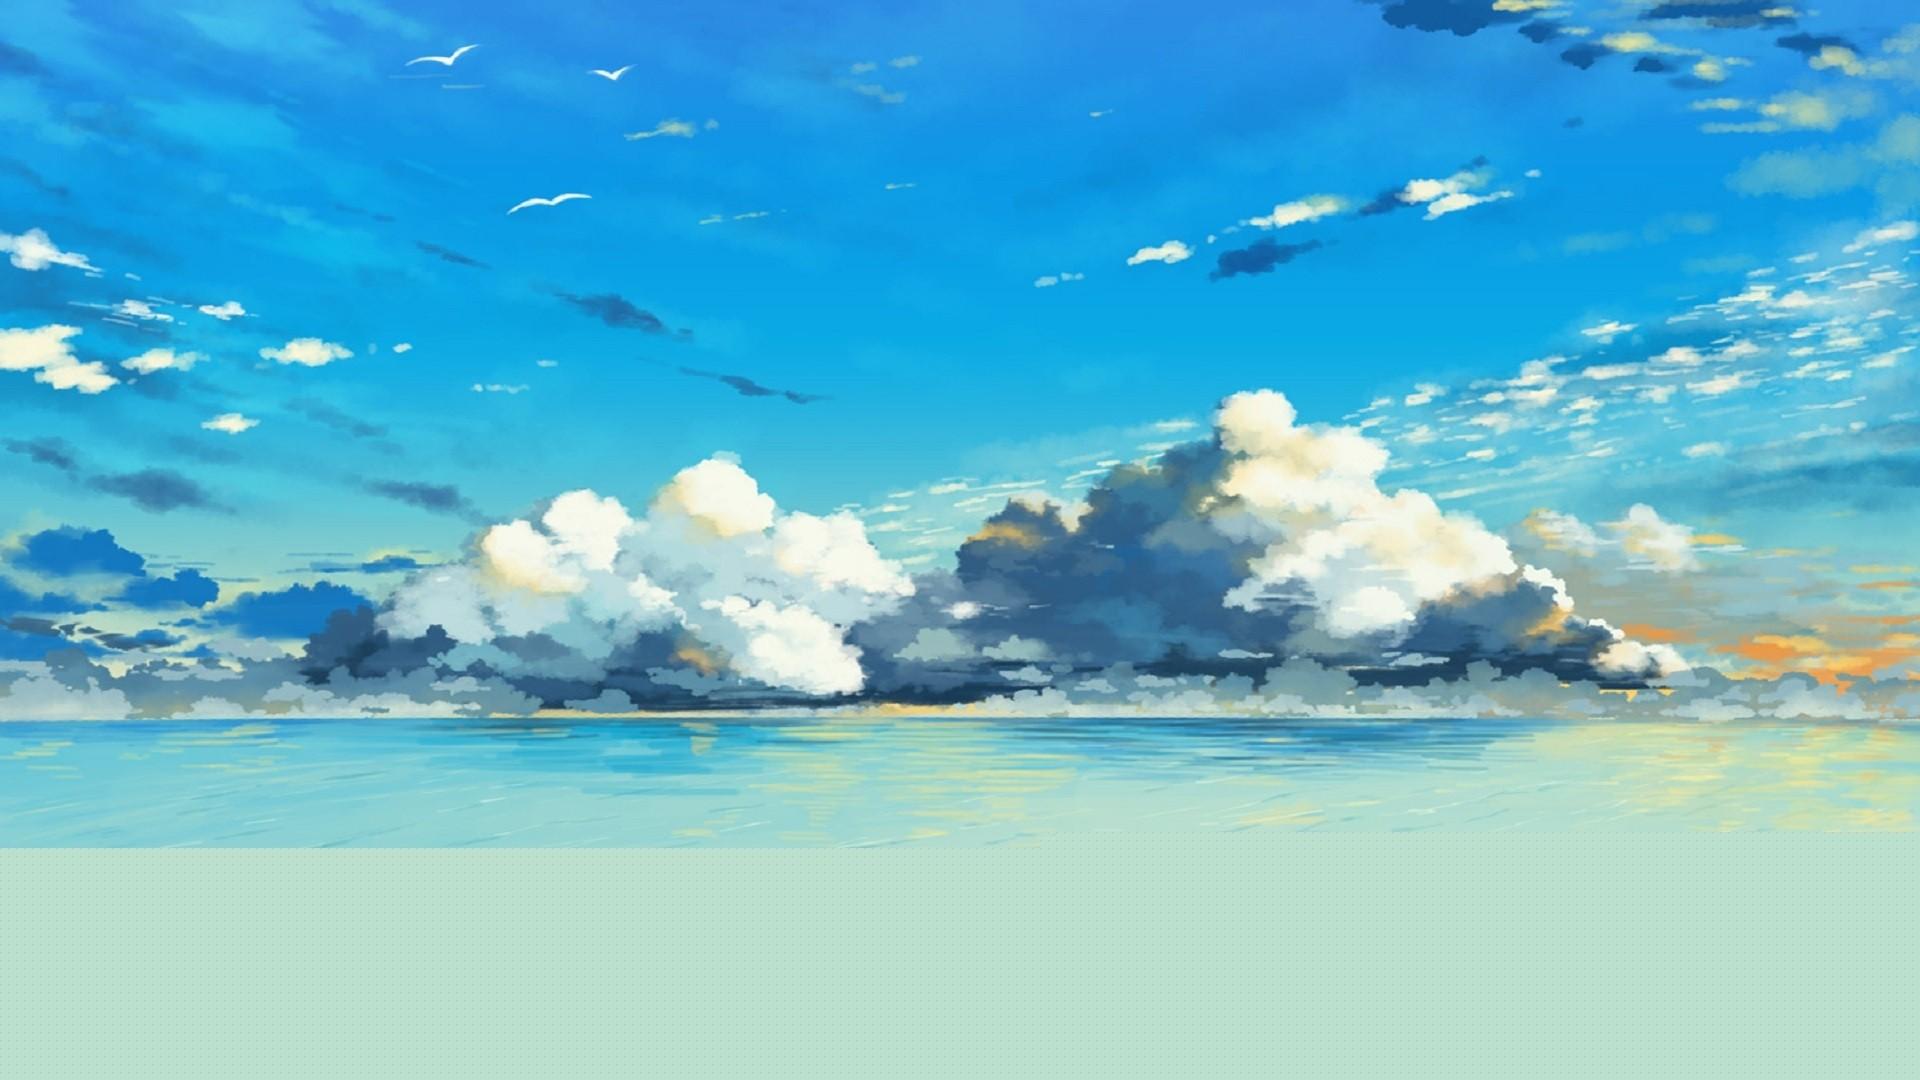 Anime Beach wallpaper for desktop